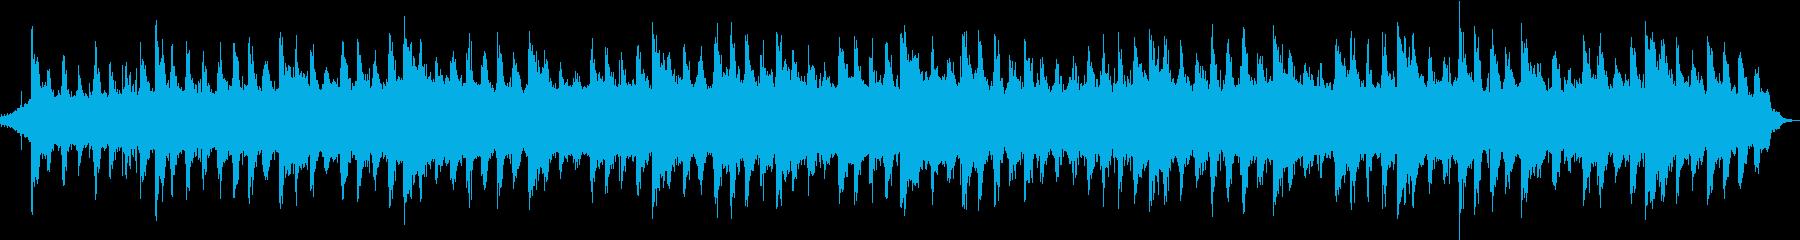 水が放つマイナスイオンとヒーリング音楽の再生済みの波形